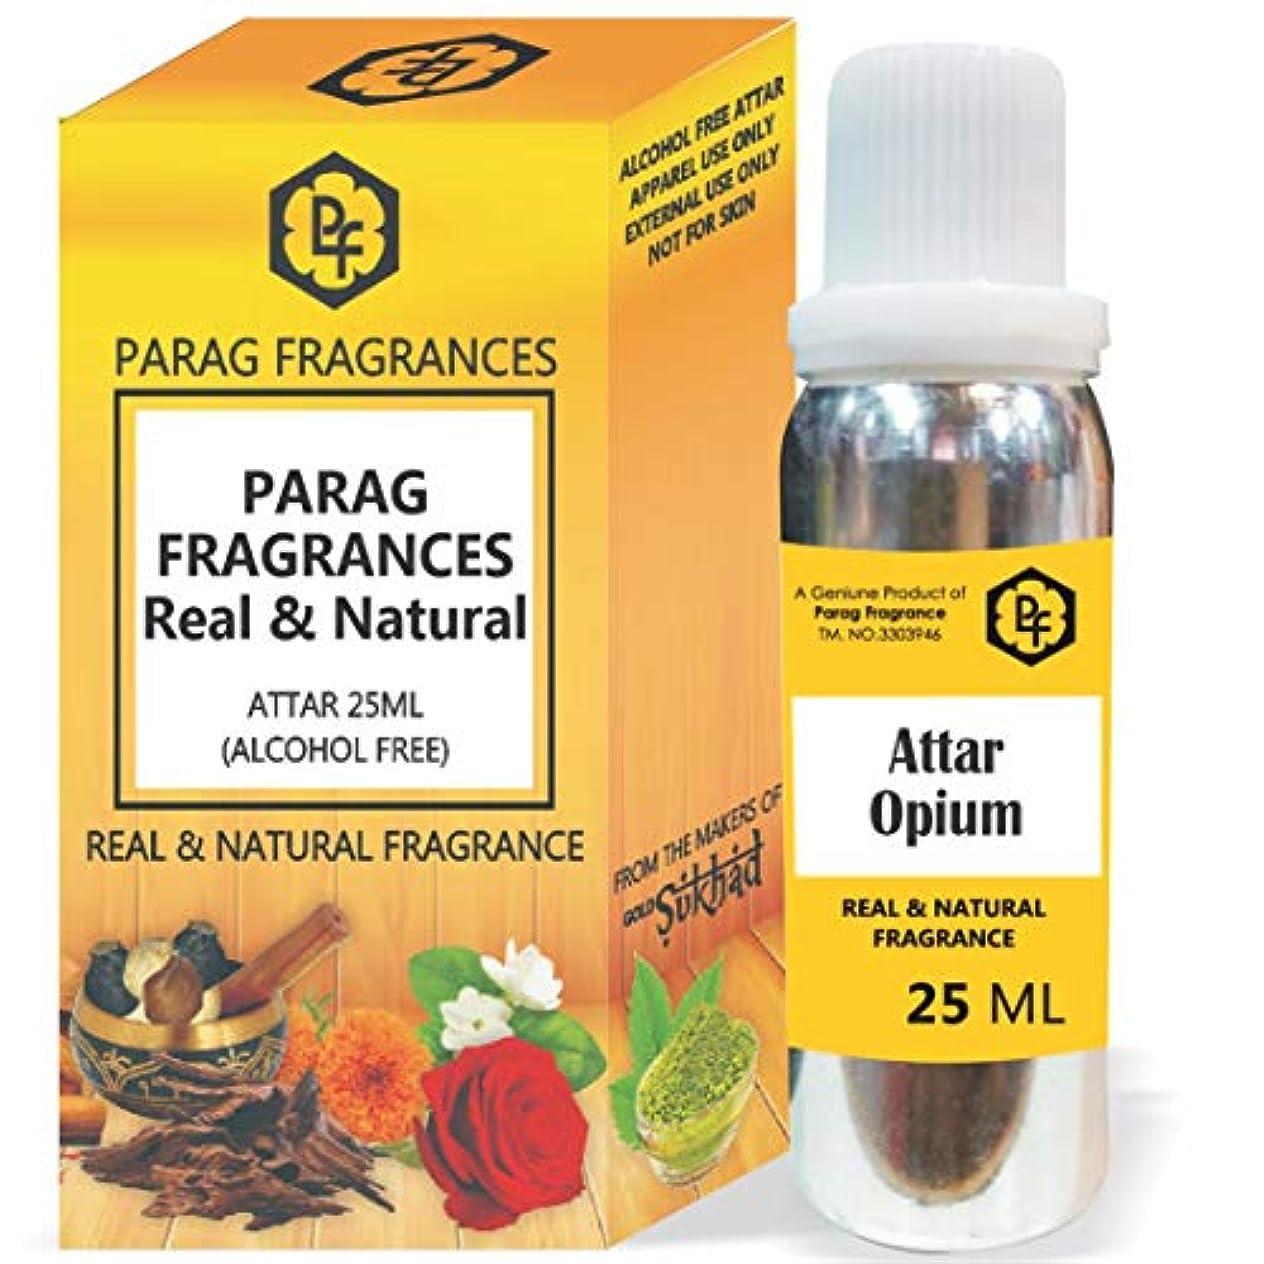 円形膿瘍スーツケース50/100/200/500パック内の他のエディションファンシー空き瓶でParagフレグランス25ミリリットルアヘンアター(アルコールフリー、ロングラスティング、ナチュラルアター)